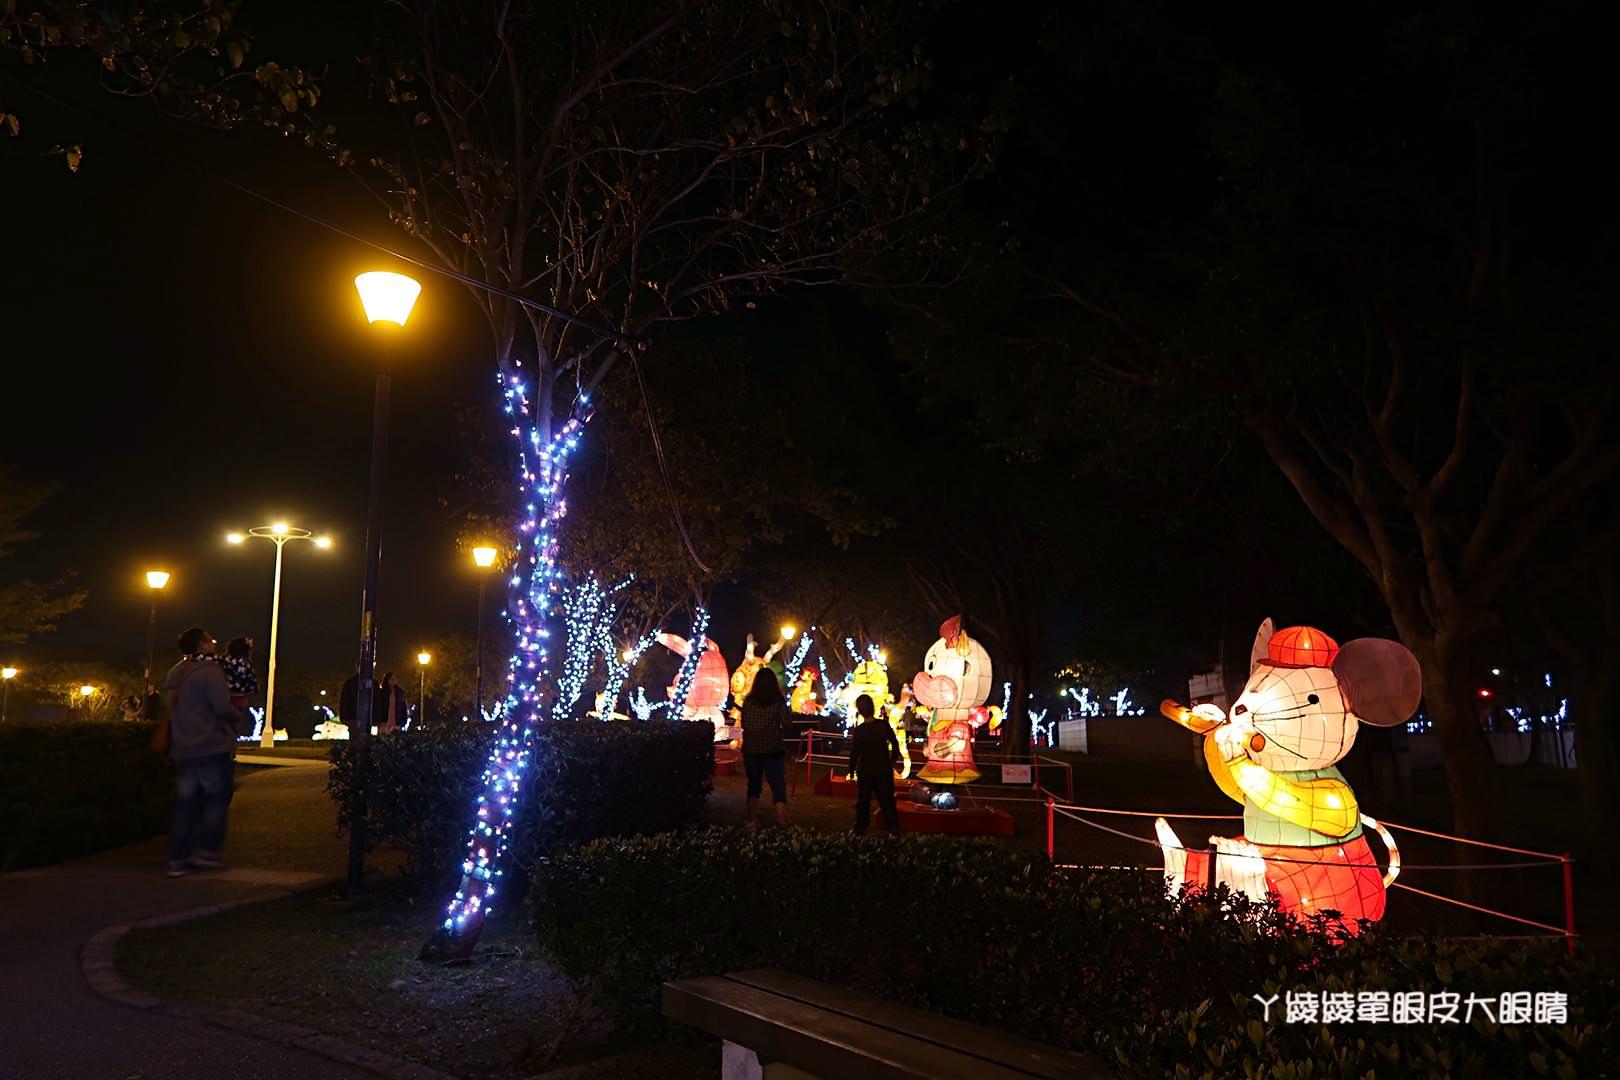 2018新竹縣竹北市元宵節燈會!狗年燈會活動|猜燈謎|小提燈發放時間|藝人表演|文化公園地址